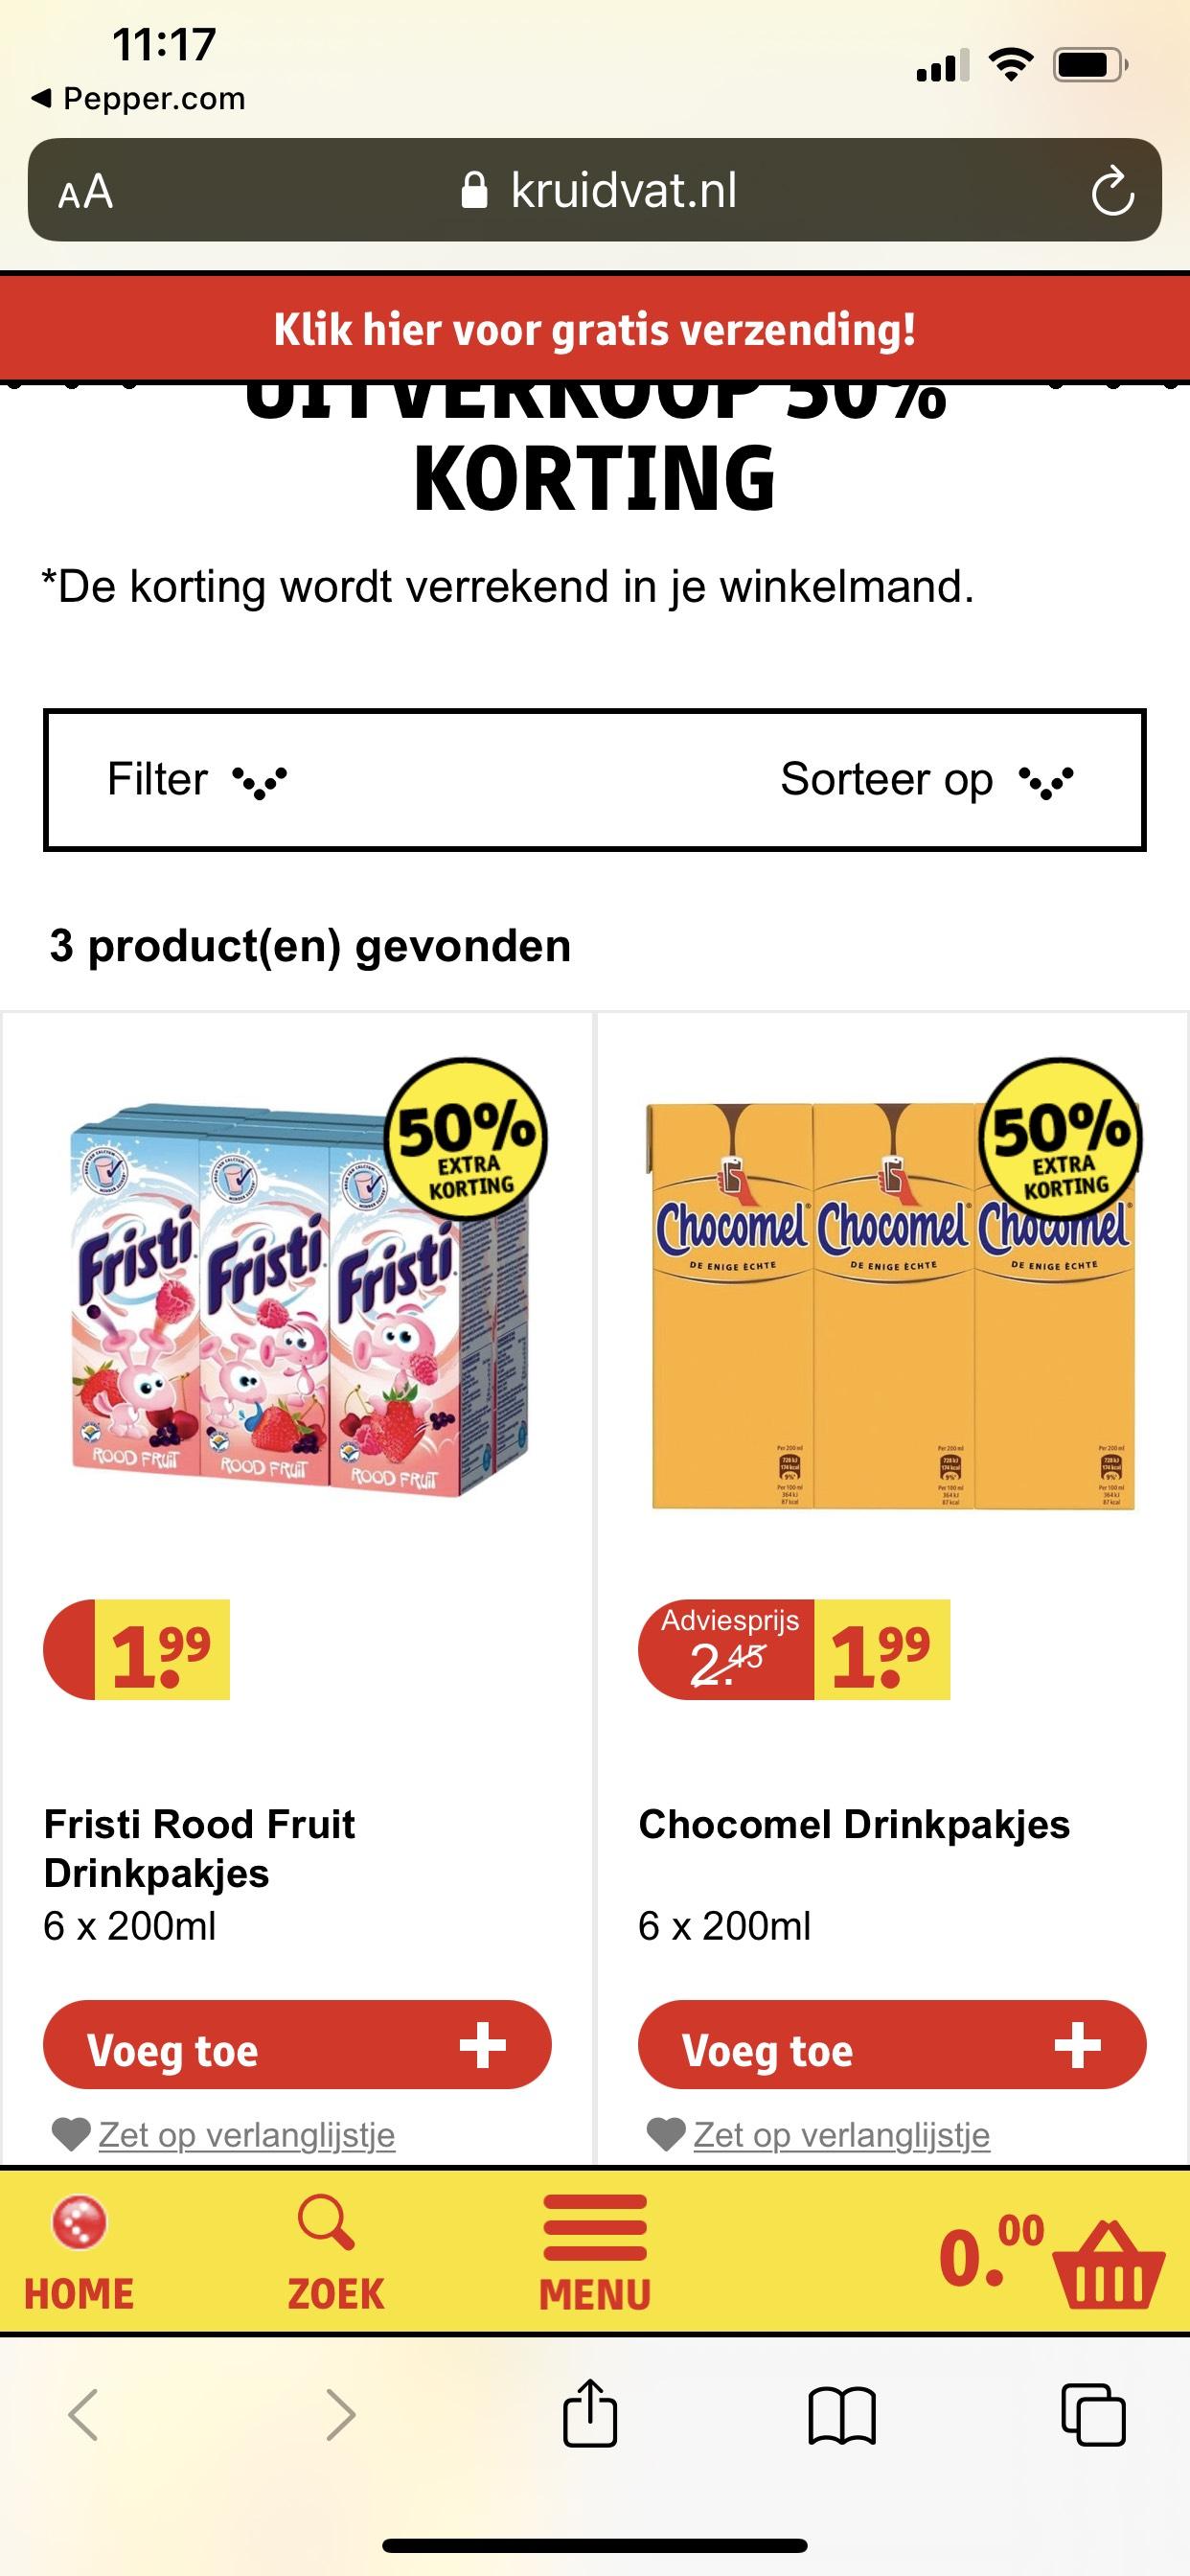 Chocomel(uitverkocht) en fristi 1 euro 6x200ml